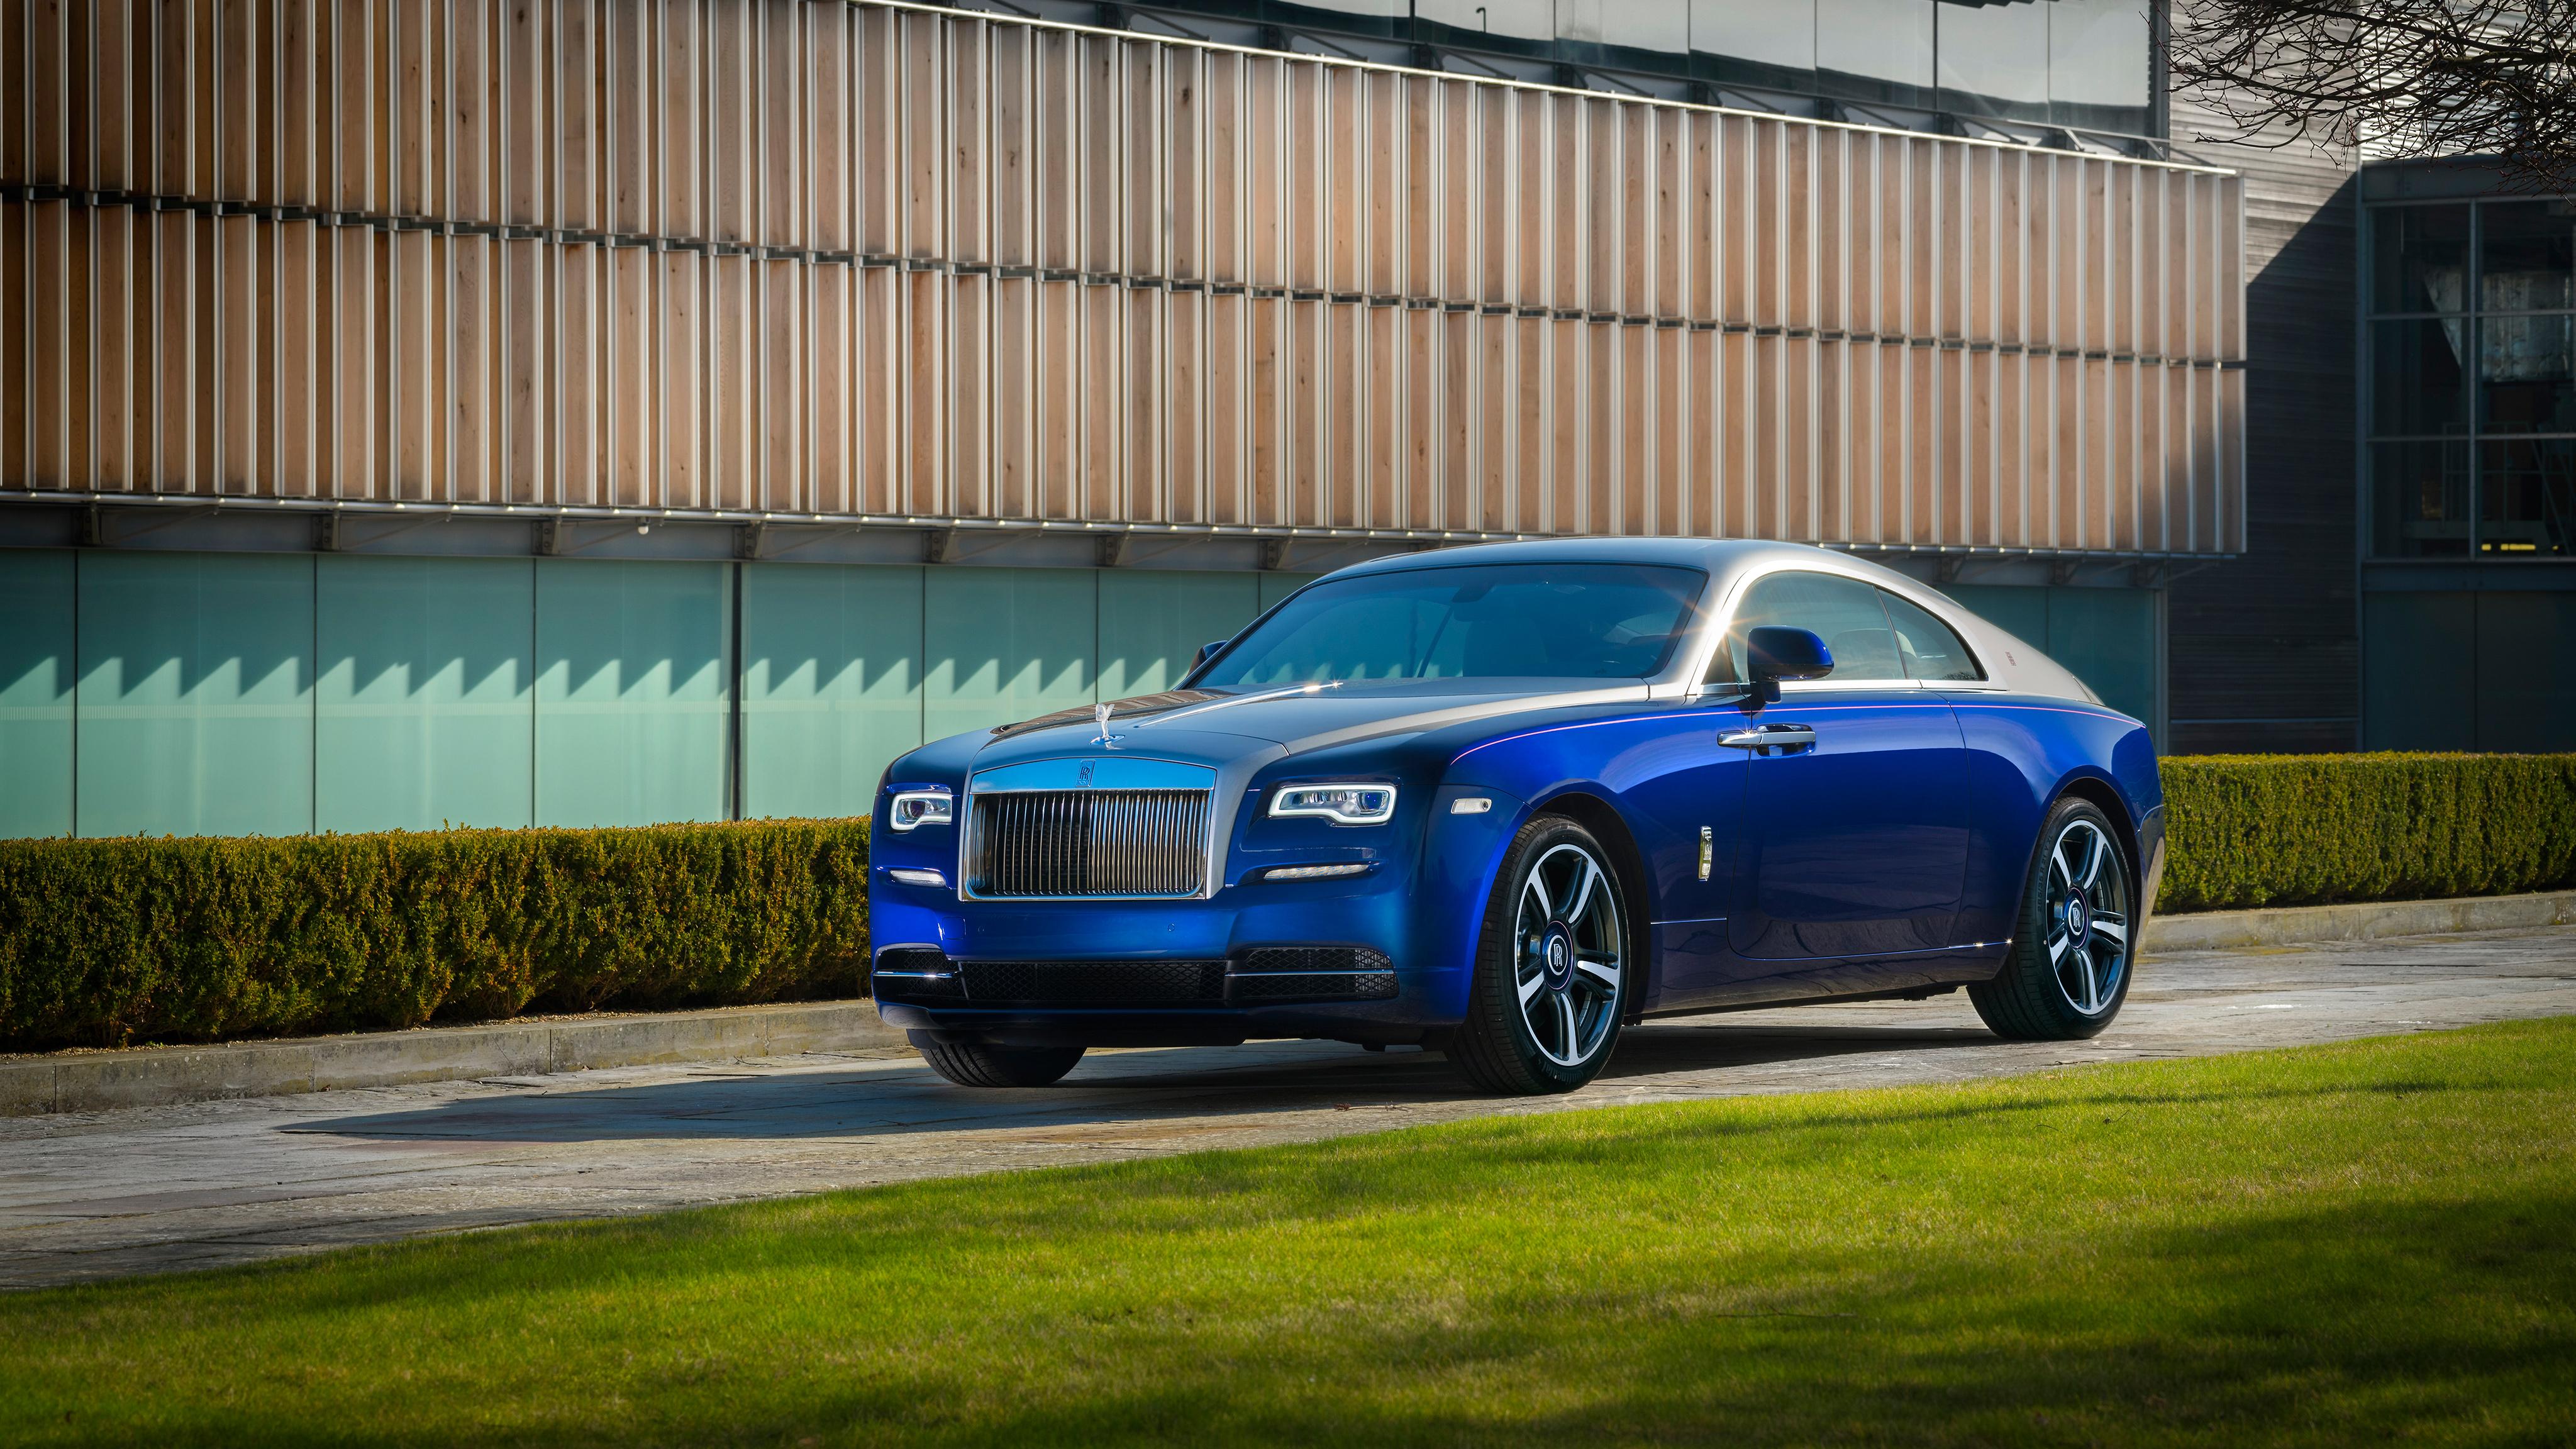 Rolls Royce Wraith 2017 Bespoke 4K Wallpaper   HD Car ...